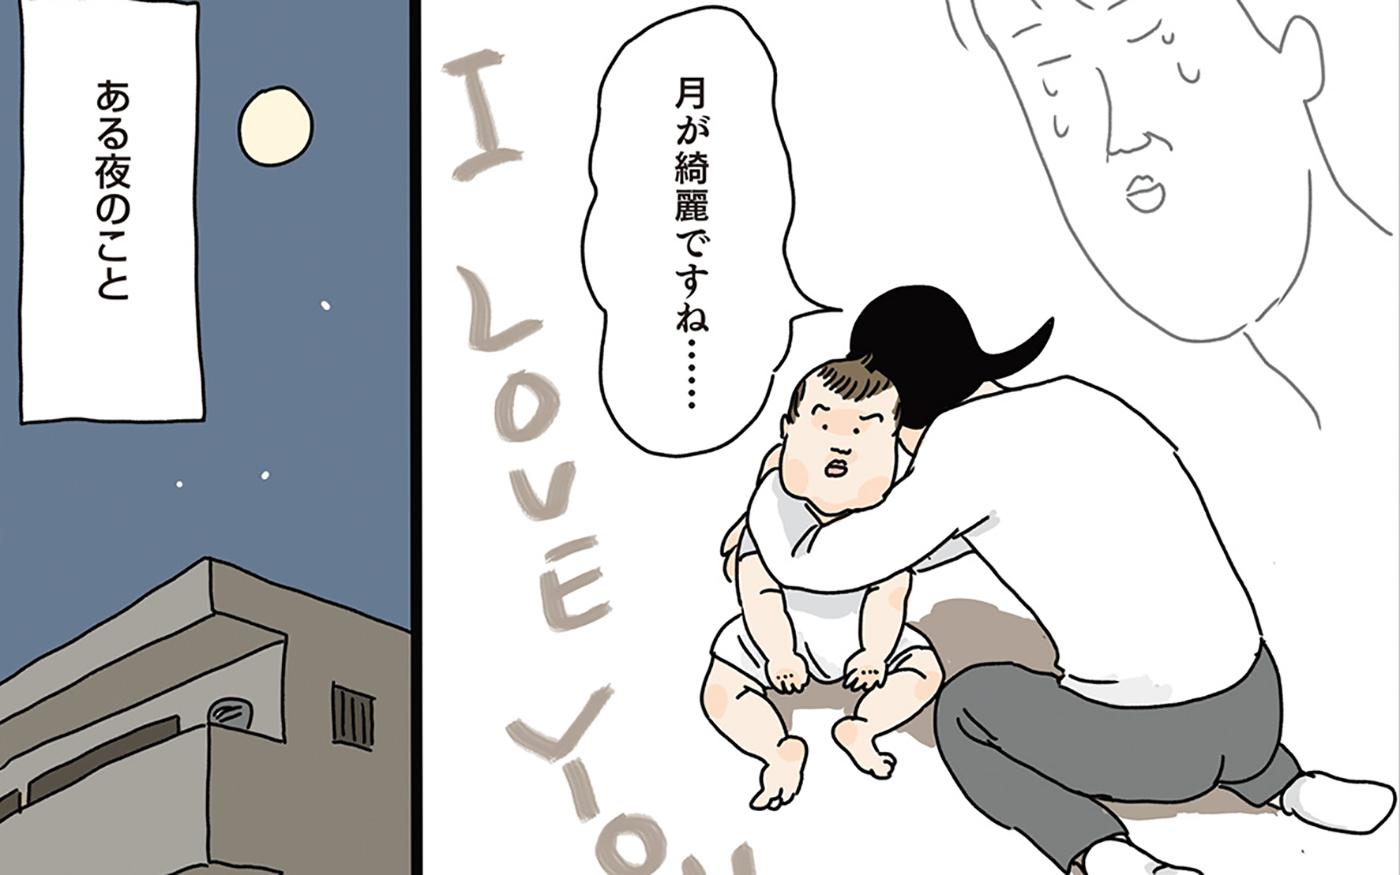 「月がきれいですね」と抱きしめたくなる夜…子どもの「初めて」物語